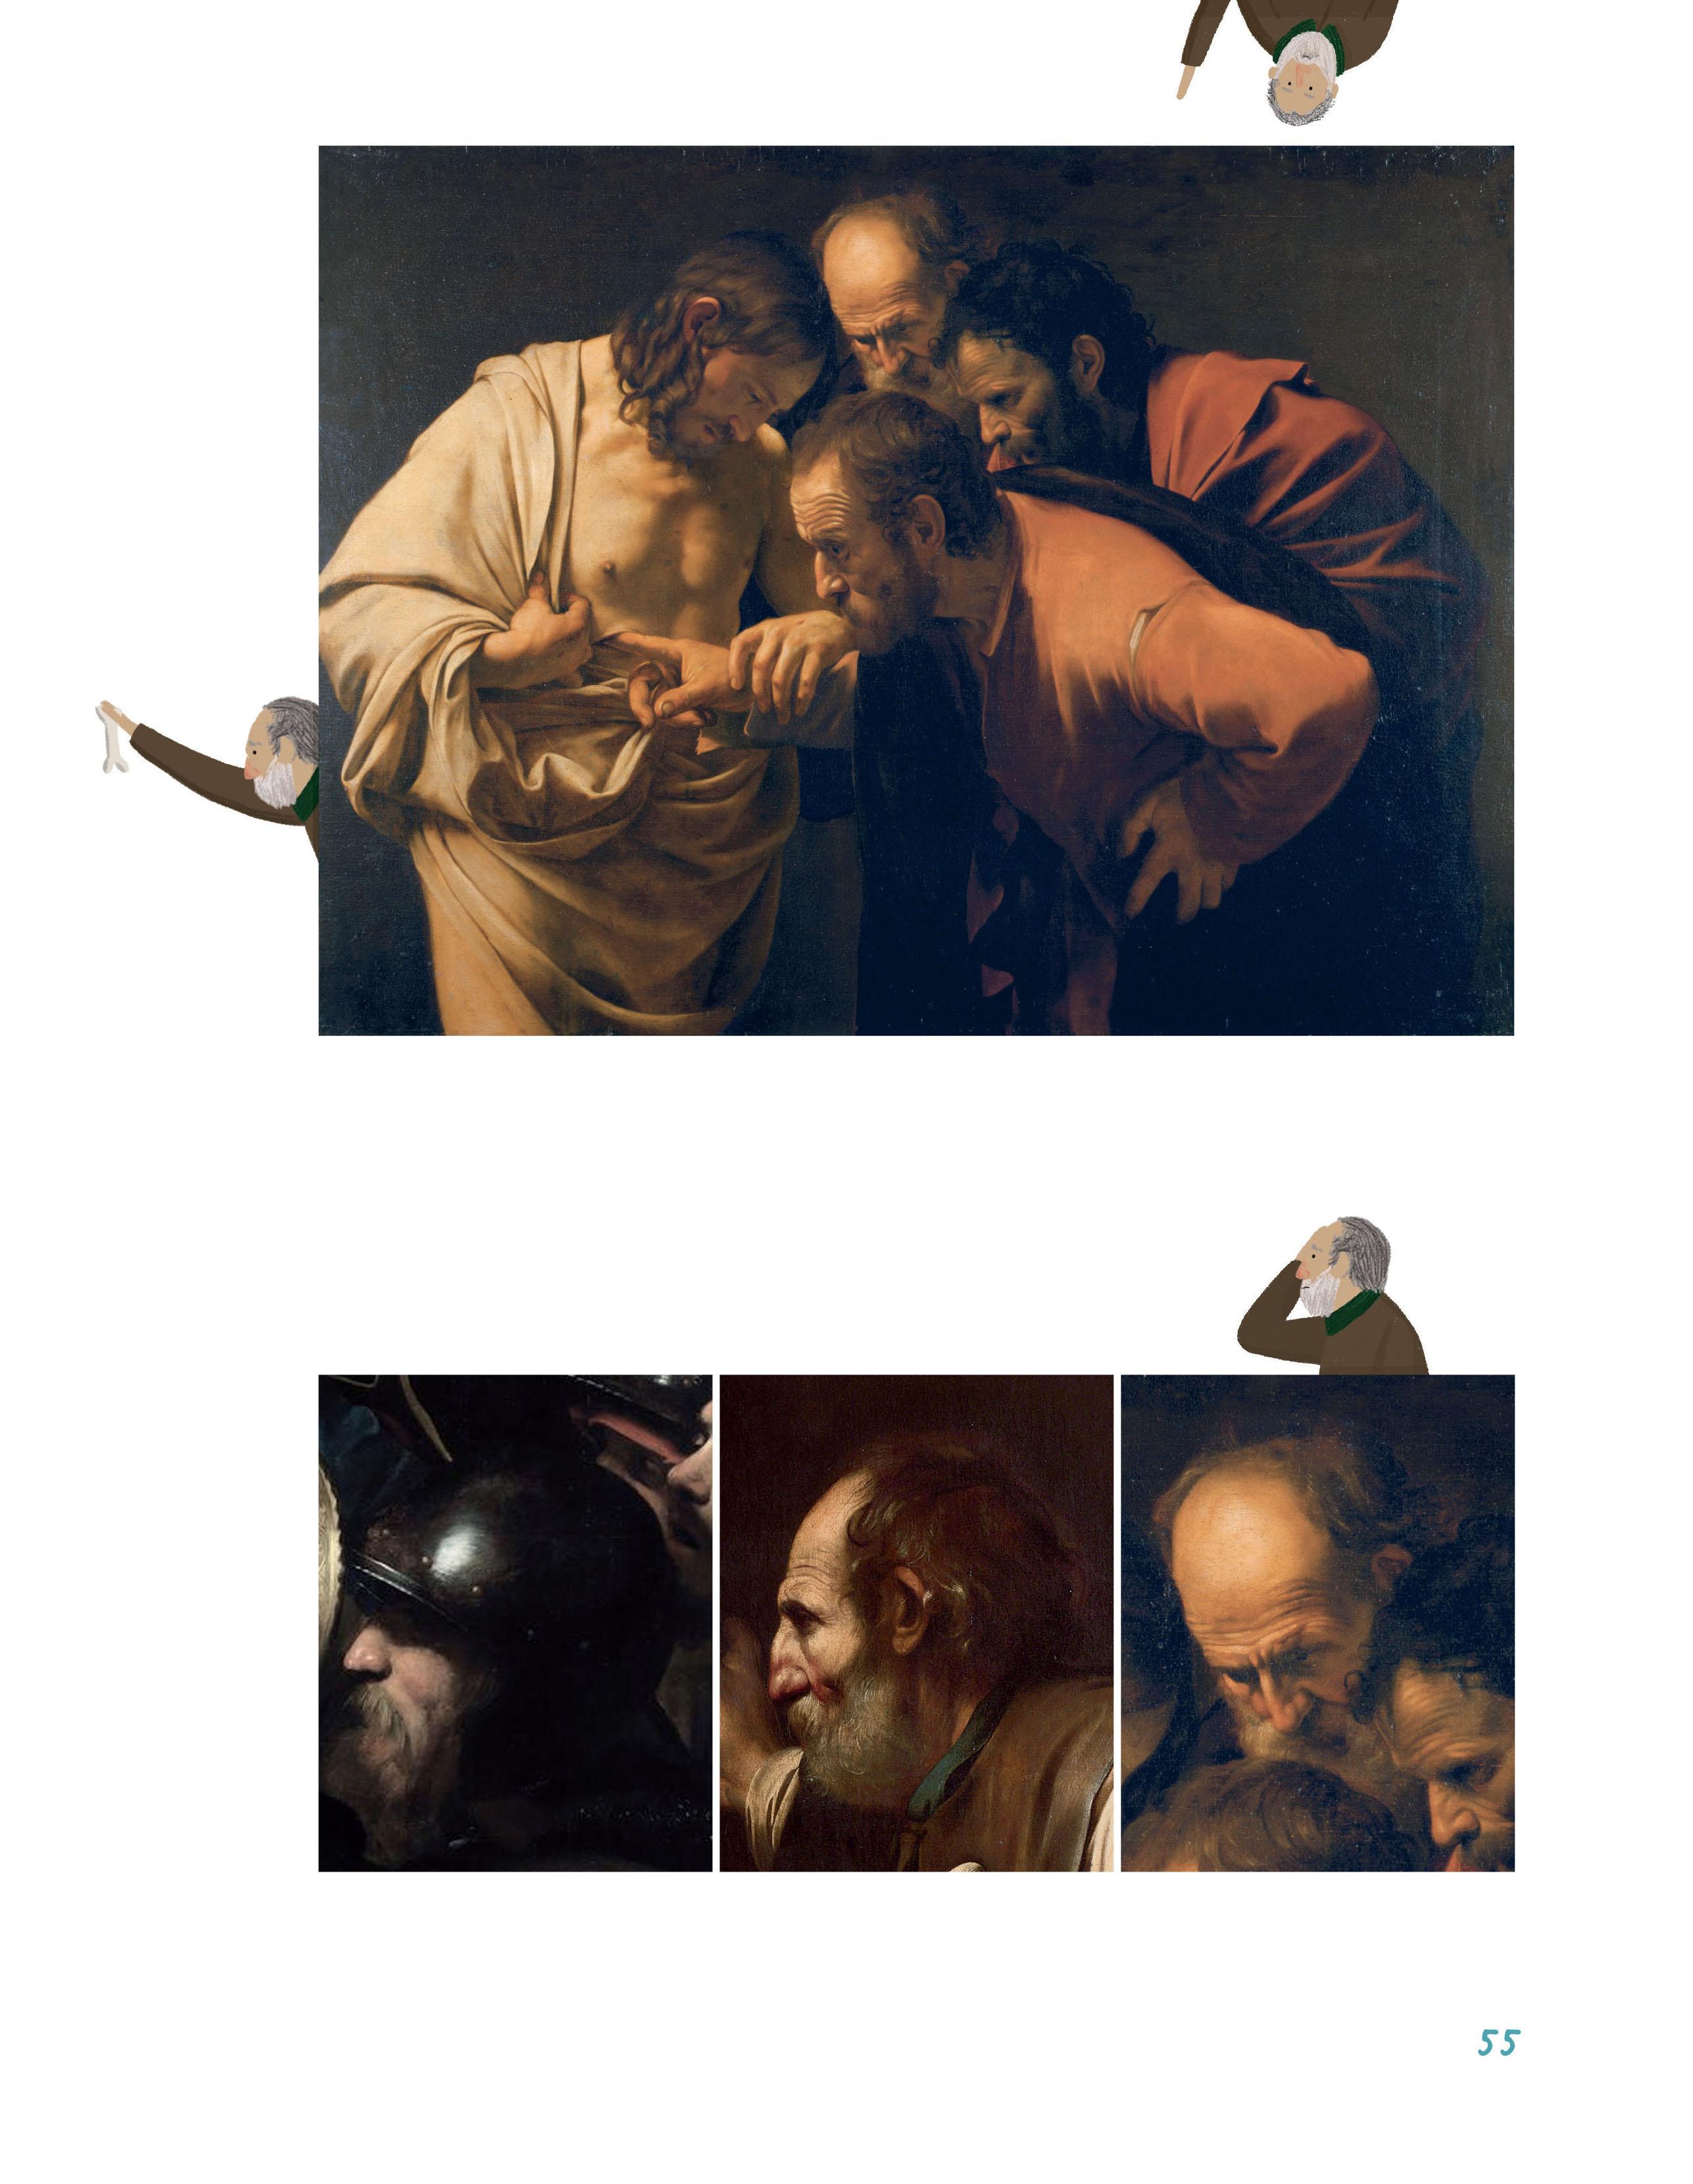 alla scoperta delle immagini hockney babalibri 4